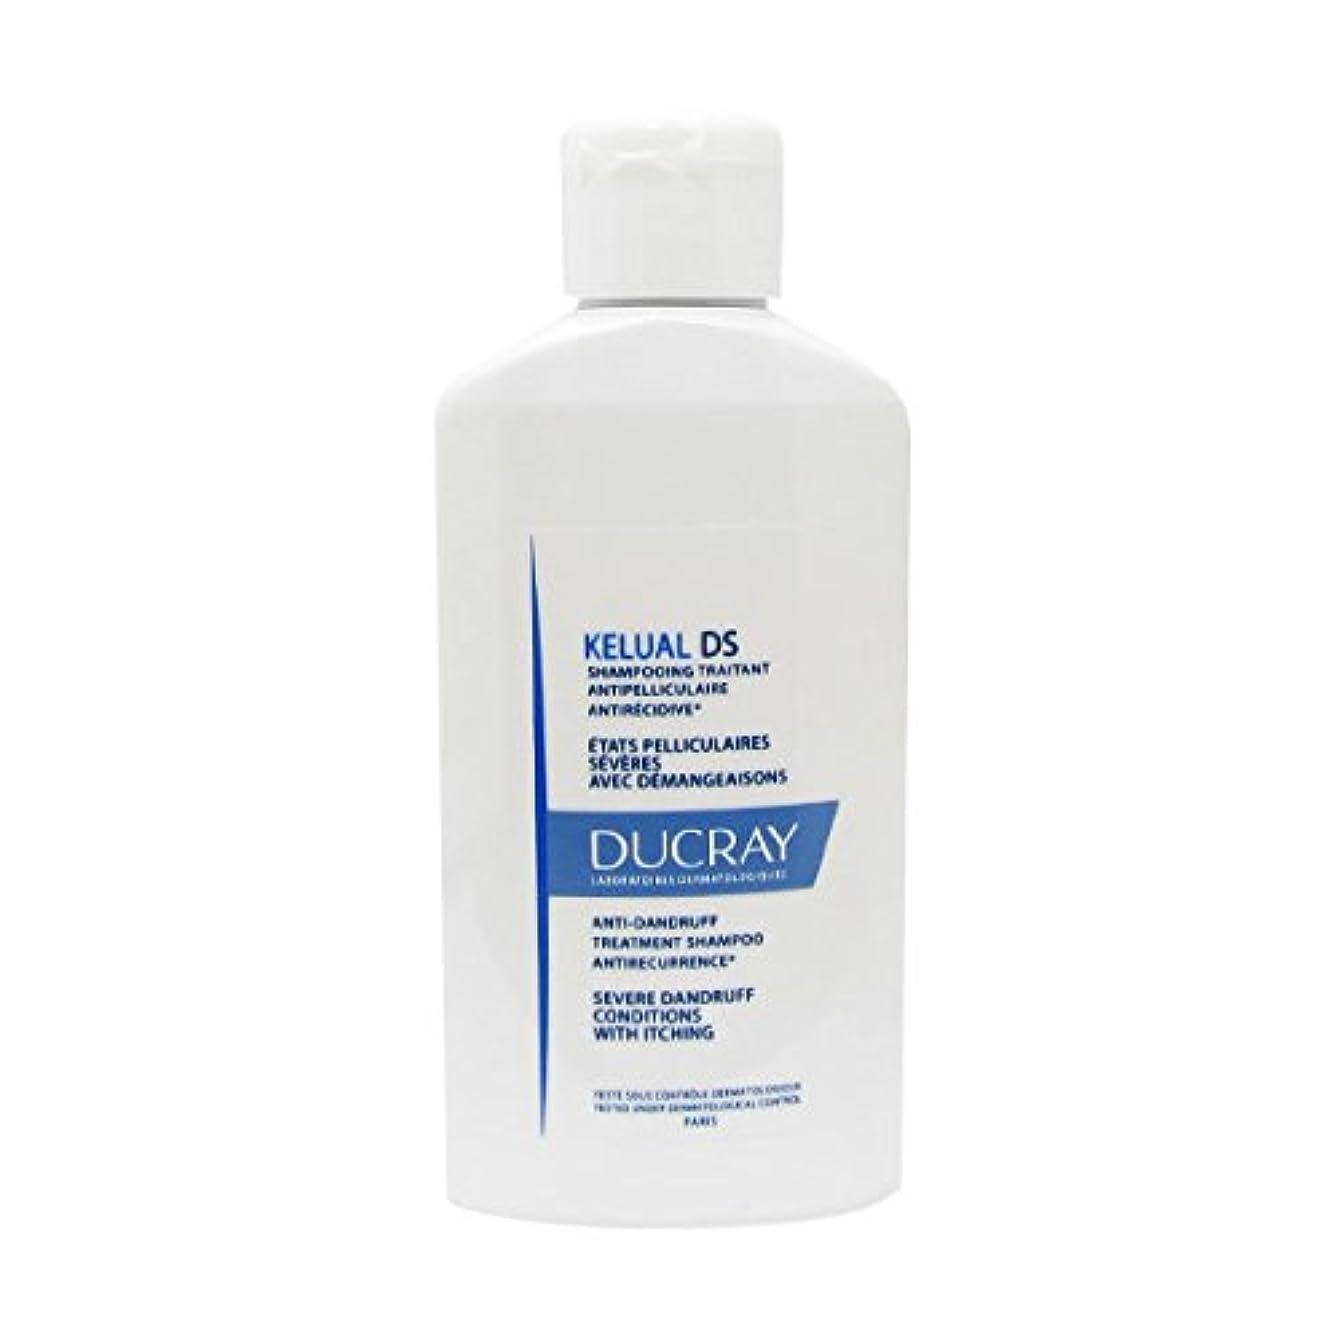 そうでなければ卑しい自治的Ducray Kelual Ds Squamo-reducing Shampoo 100ml [並行輸入品]